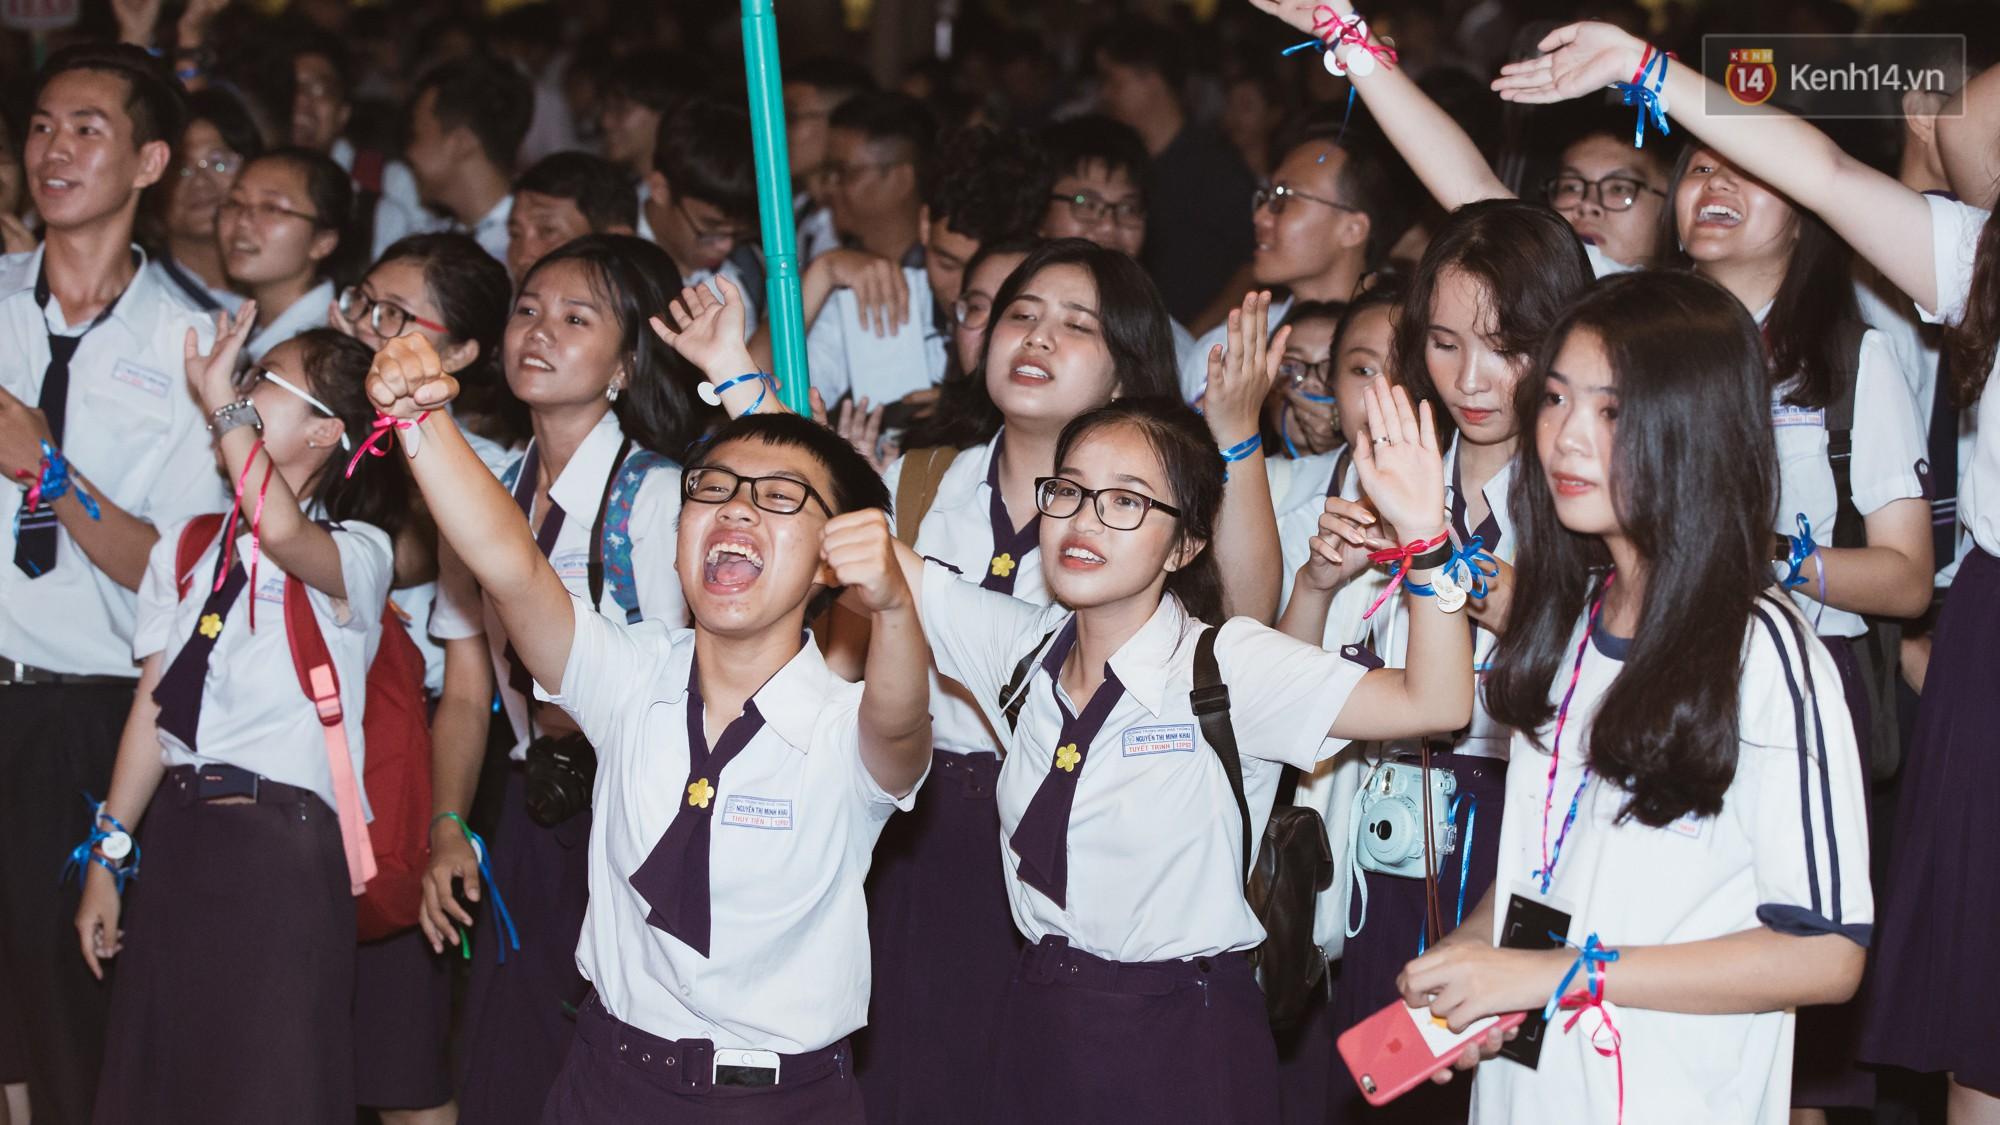 Học sinh trường Minh Khai (TPHCM) ôm nhau khóc nức nở chia tay thầy cô, bạn bè - Ảnh 5.